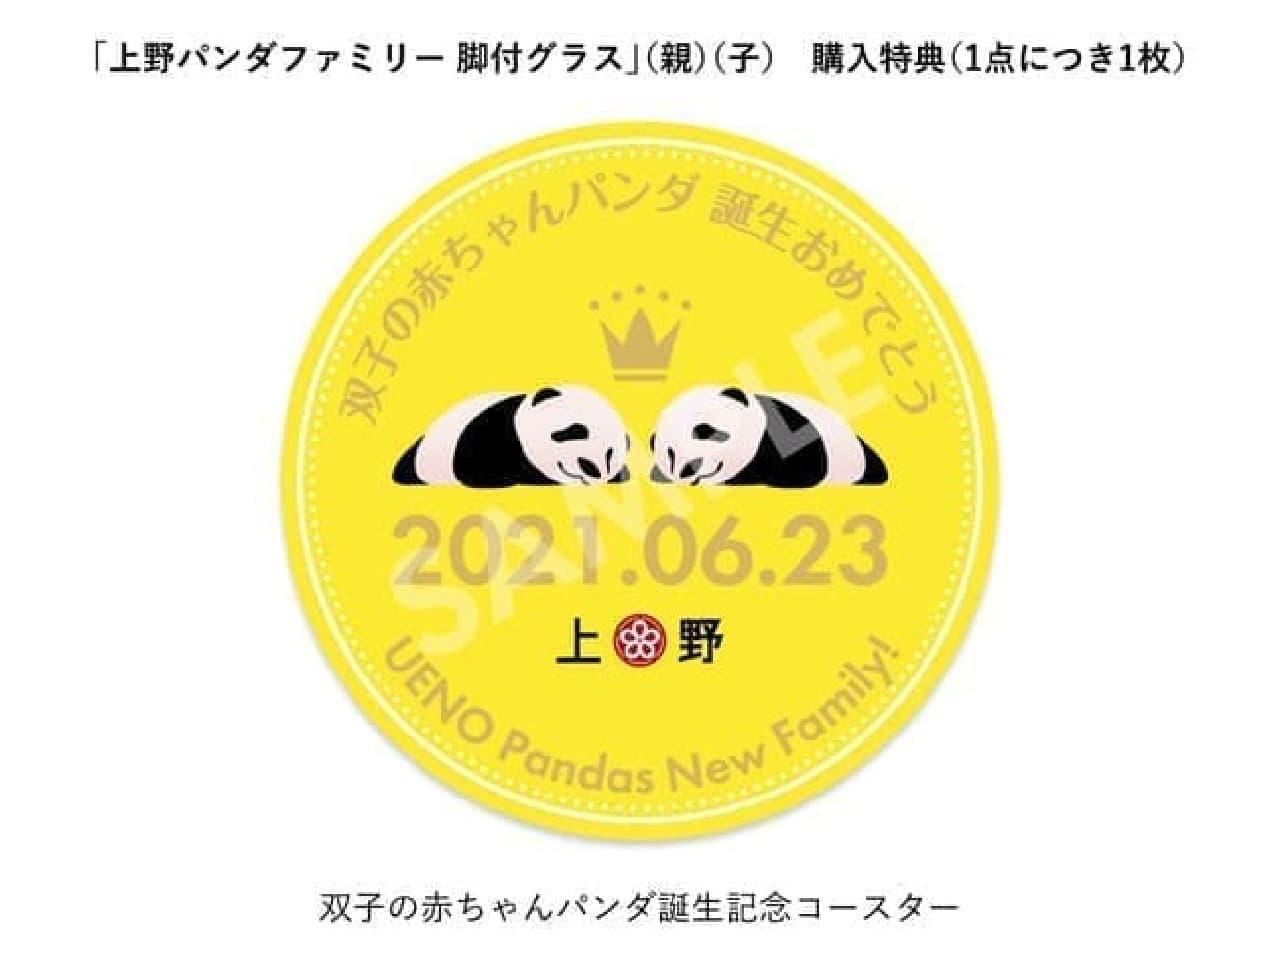 上野案内所「上野パンダファミリー 脚付グラス」発売!「赤ちゃんパンダ誕生記念コースター」のおまけ付き